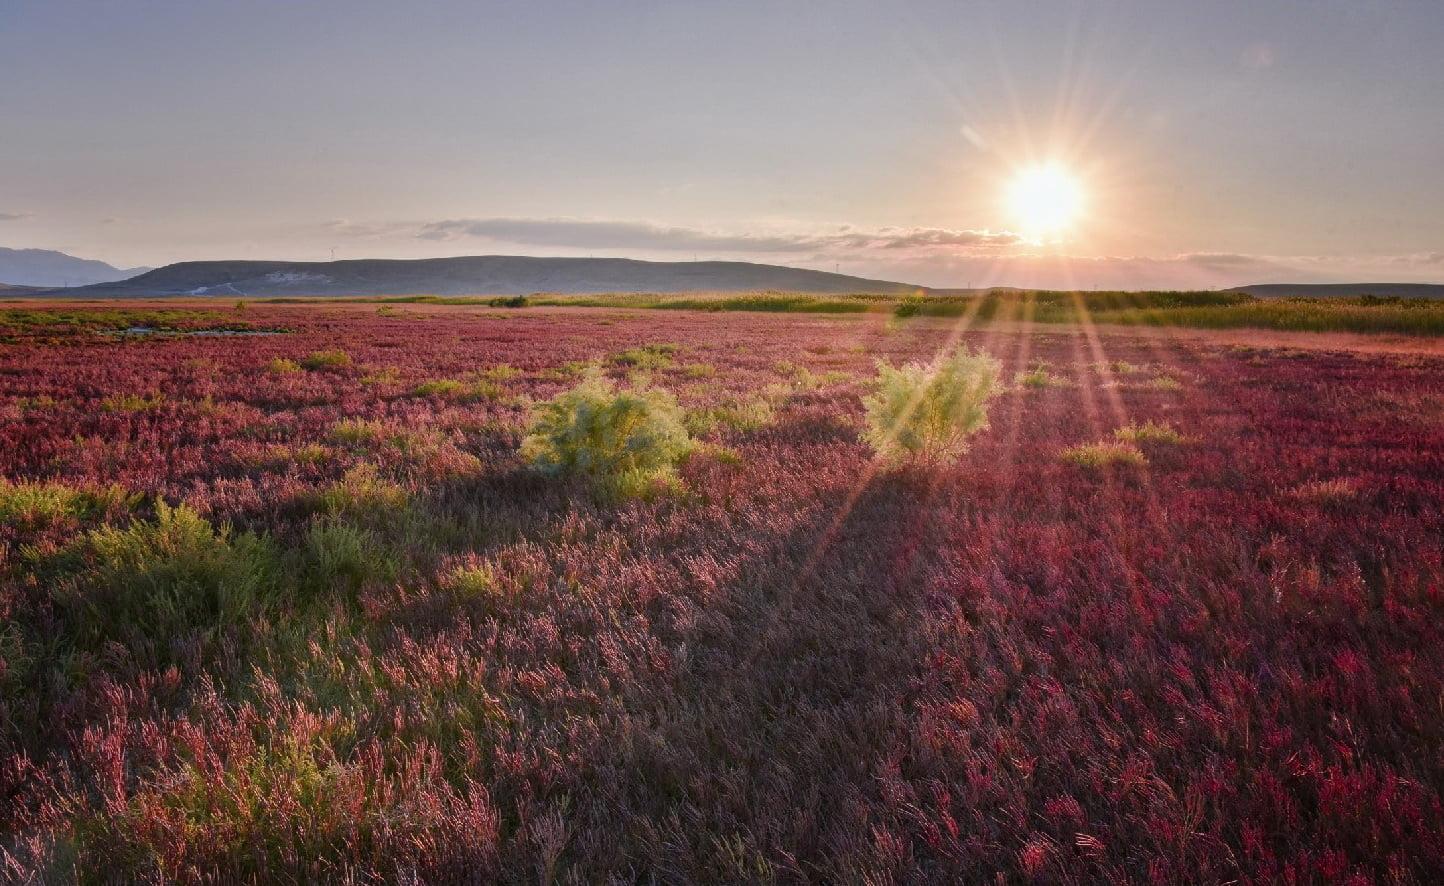 تالاب سولدوز نقده و توسعه اکوتوریسم و گردشگری طبیعت